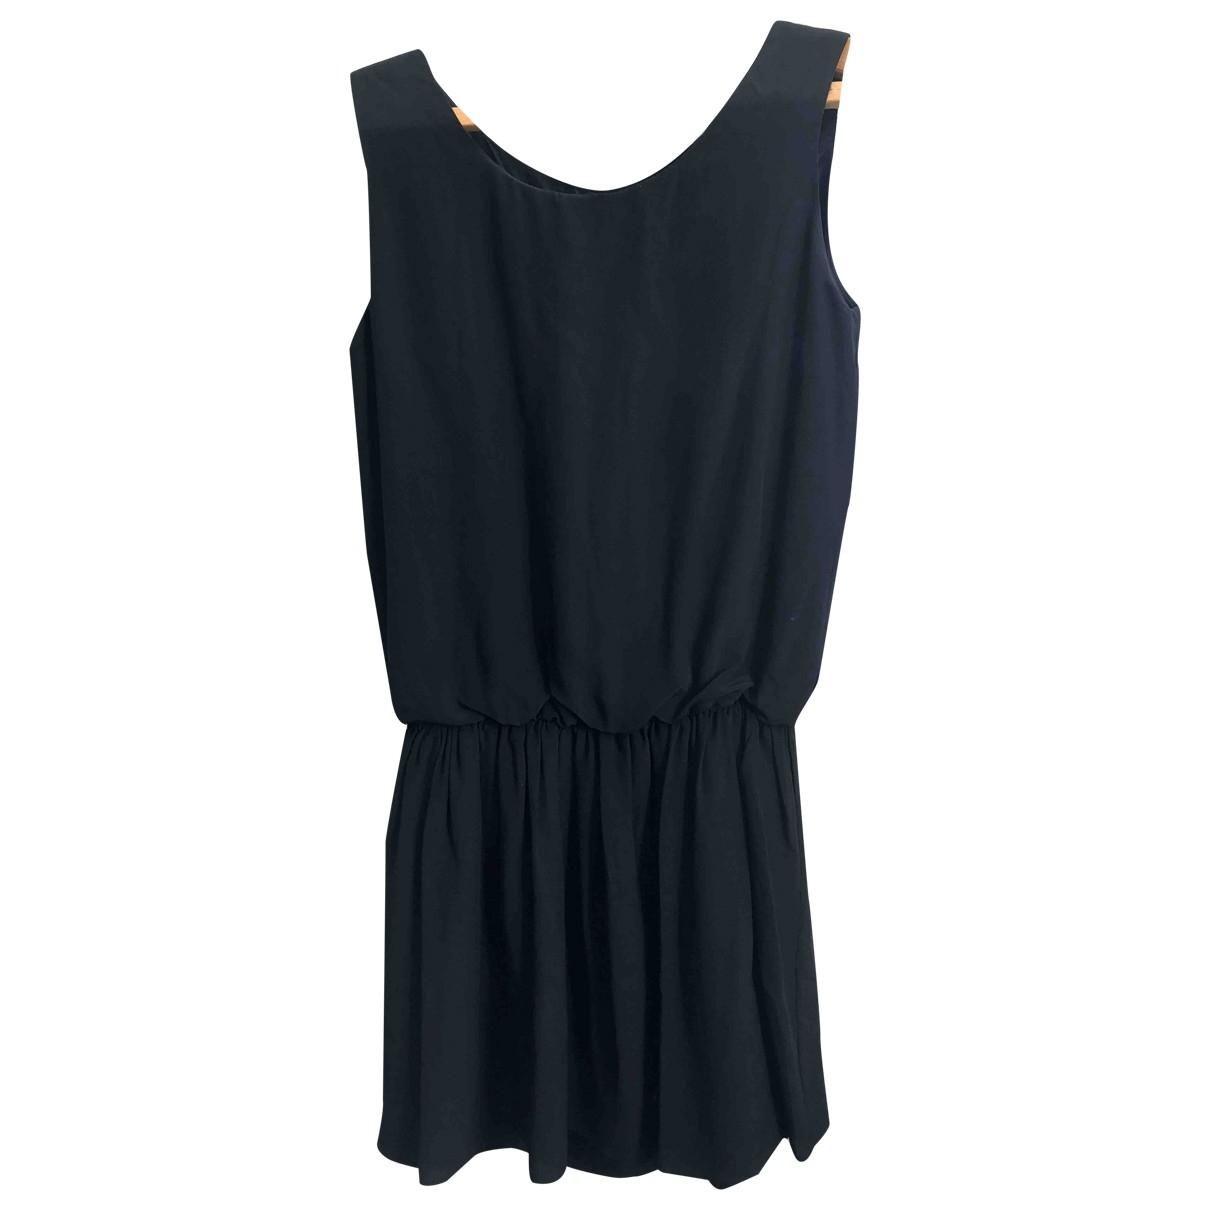 Masscob \N Kleid in  Schwarz Seide